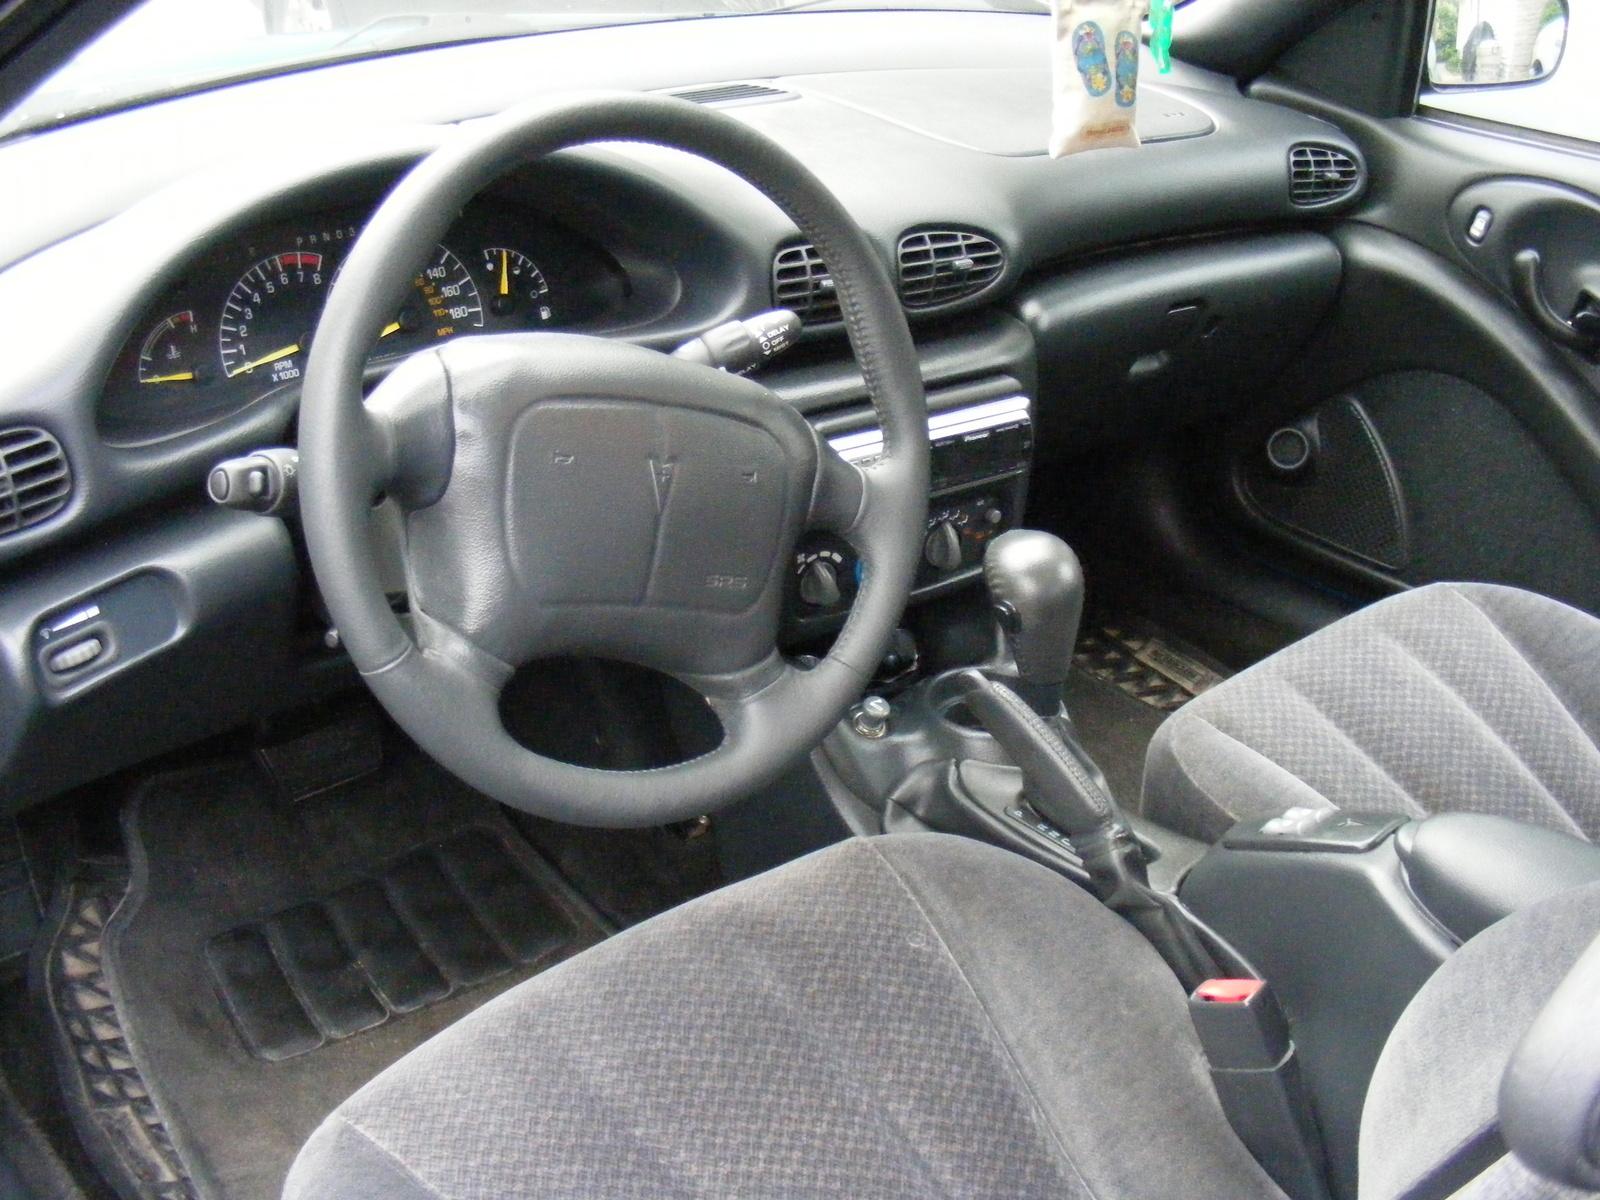 1998 Pontiac Sunfire Interior Pictures Cargurus